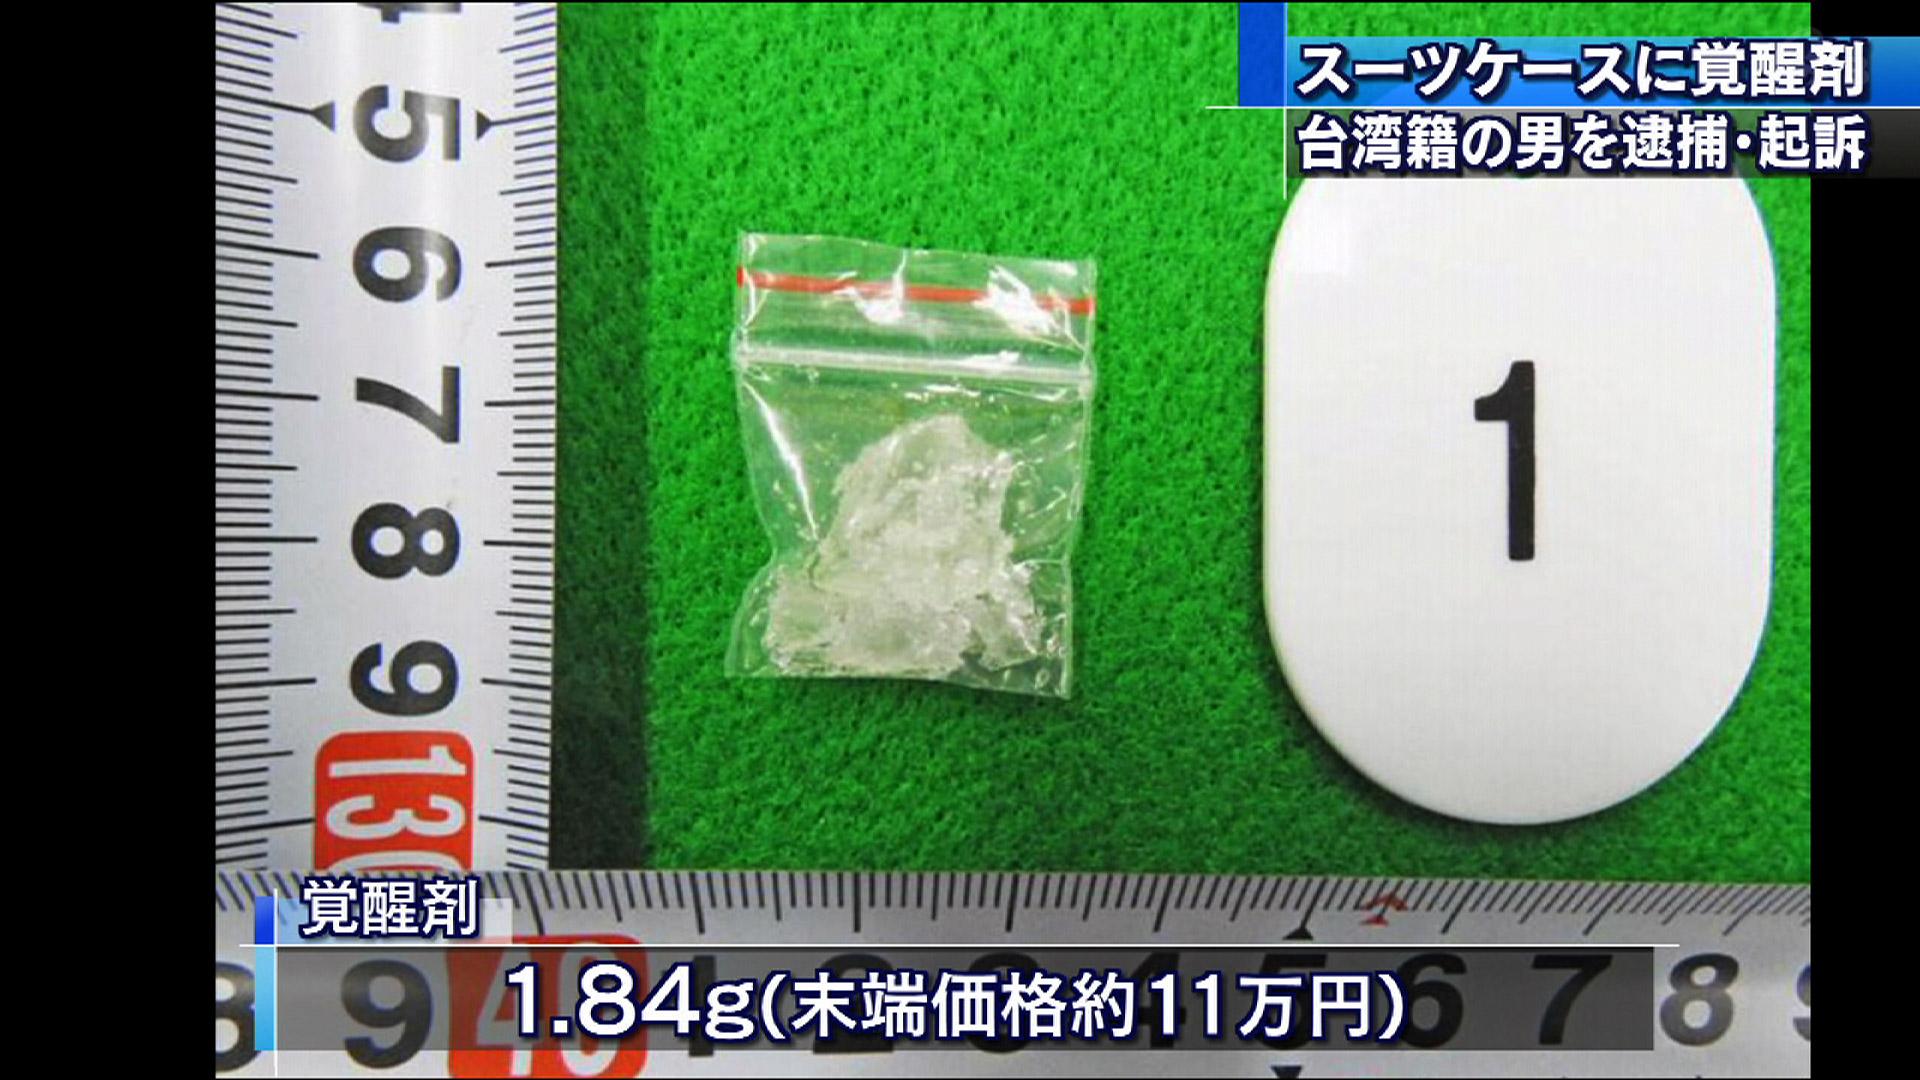 台湾籍の男 覚せい剤密輸で起訴